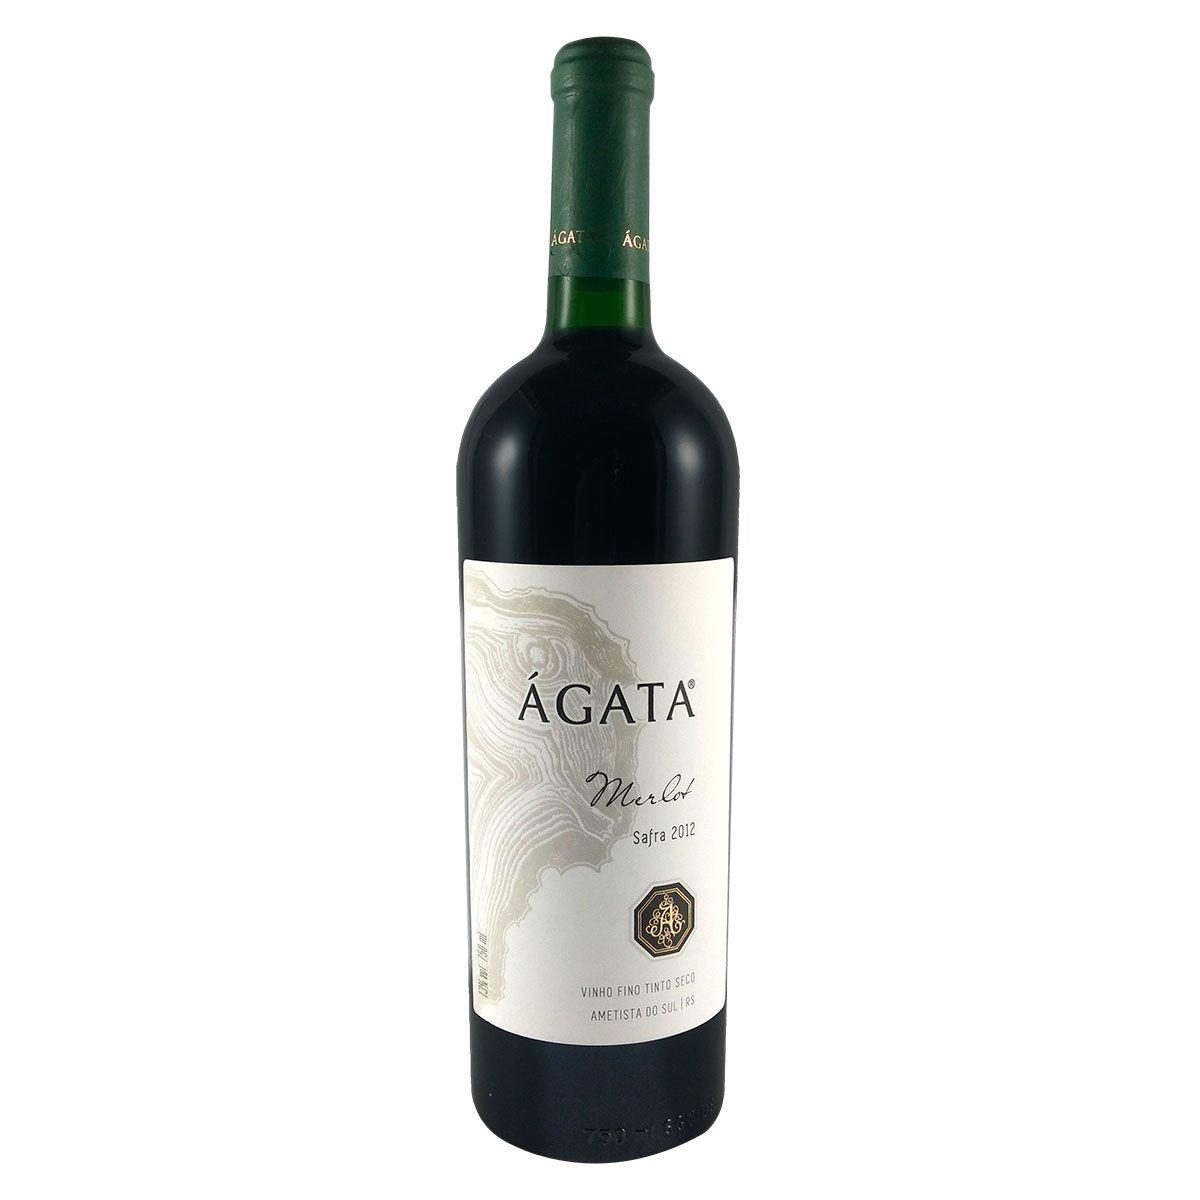 Vinho Fino Tinto Seco Ágata Merlot 750ml